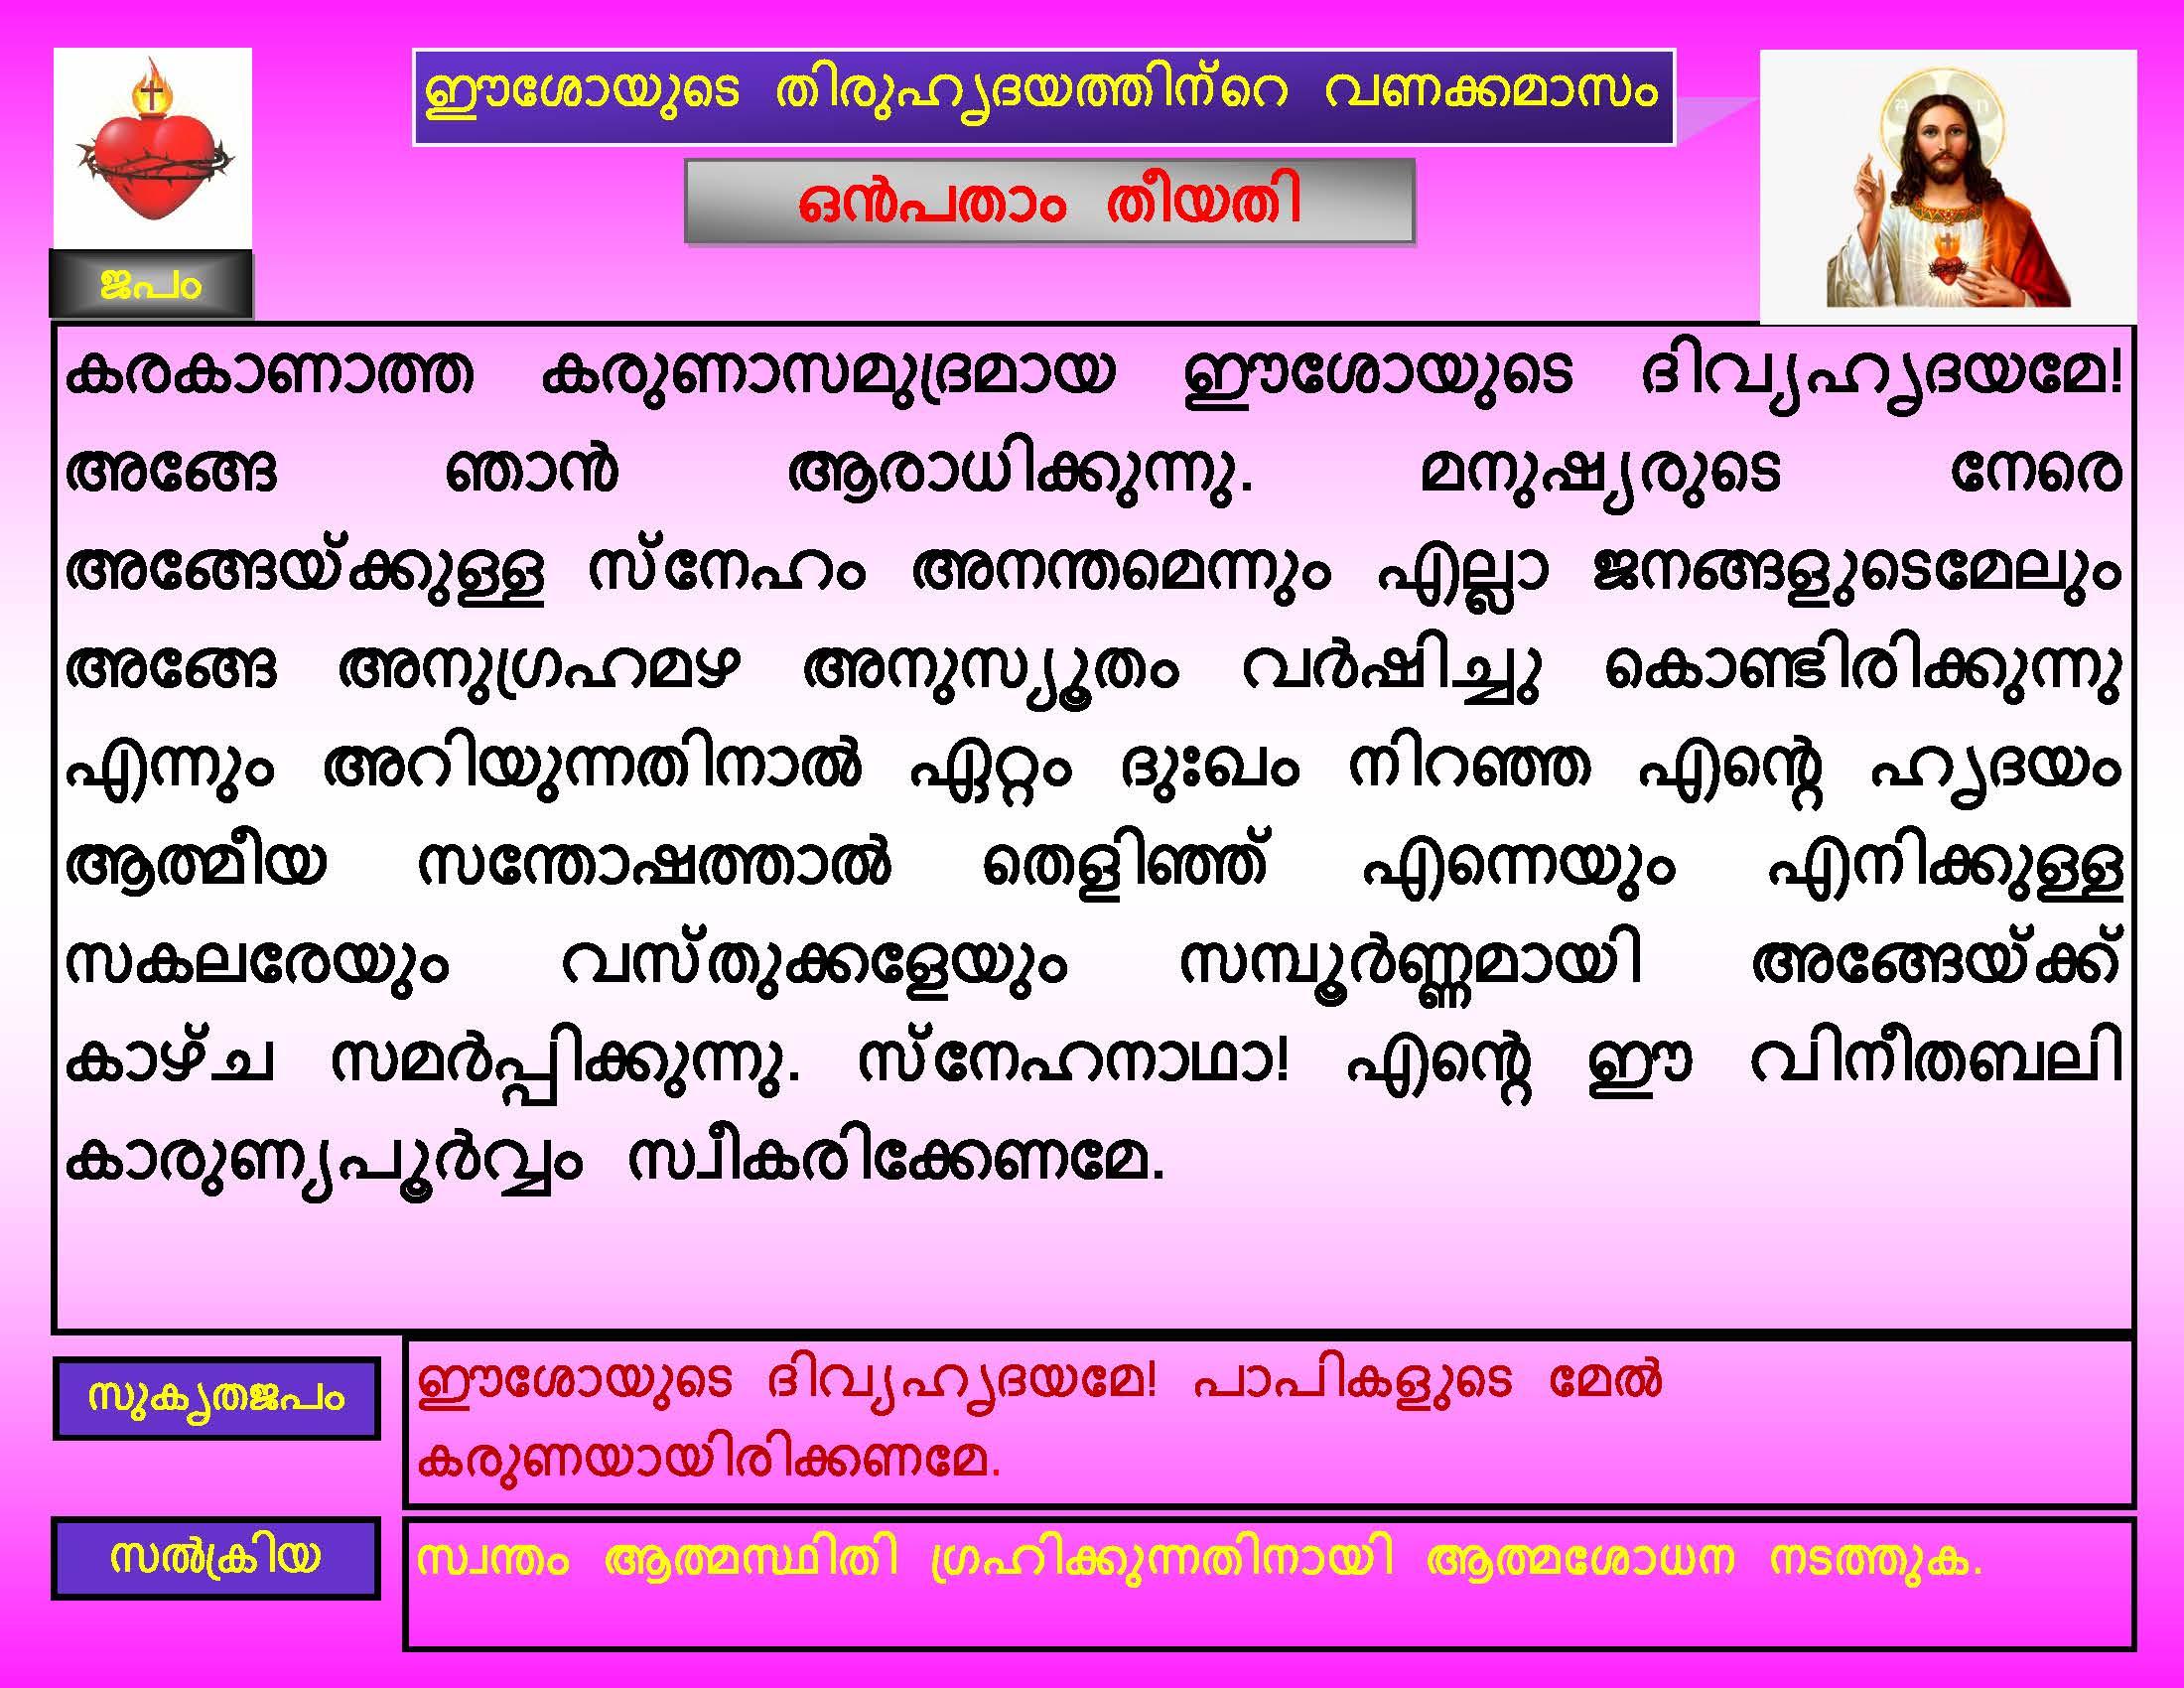 Thiruhrudaya Vanakkamasam - Day 9